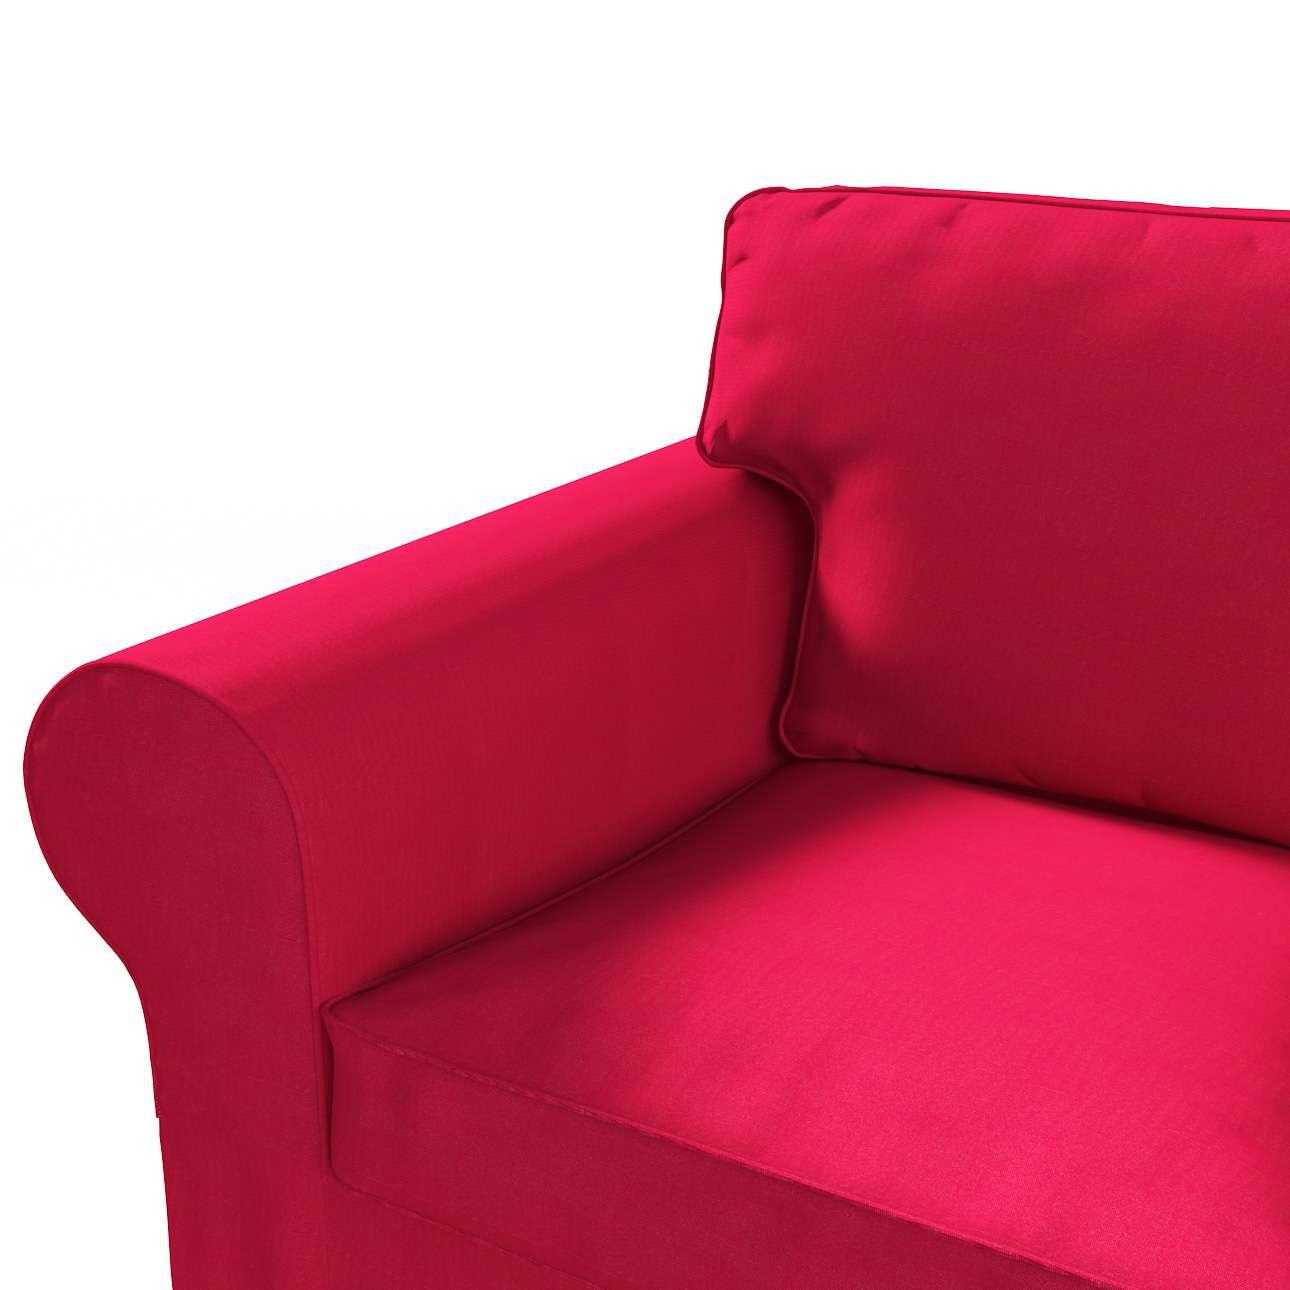 Ektorp 3-Sitzer Sofabezug nicht ausklappbar Sofabezug für  Ektorp 3-Sitzer nicht ausklappbar von der Kollektion Etna, Stoff: 705-60